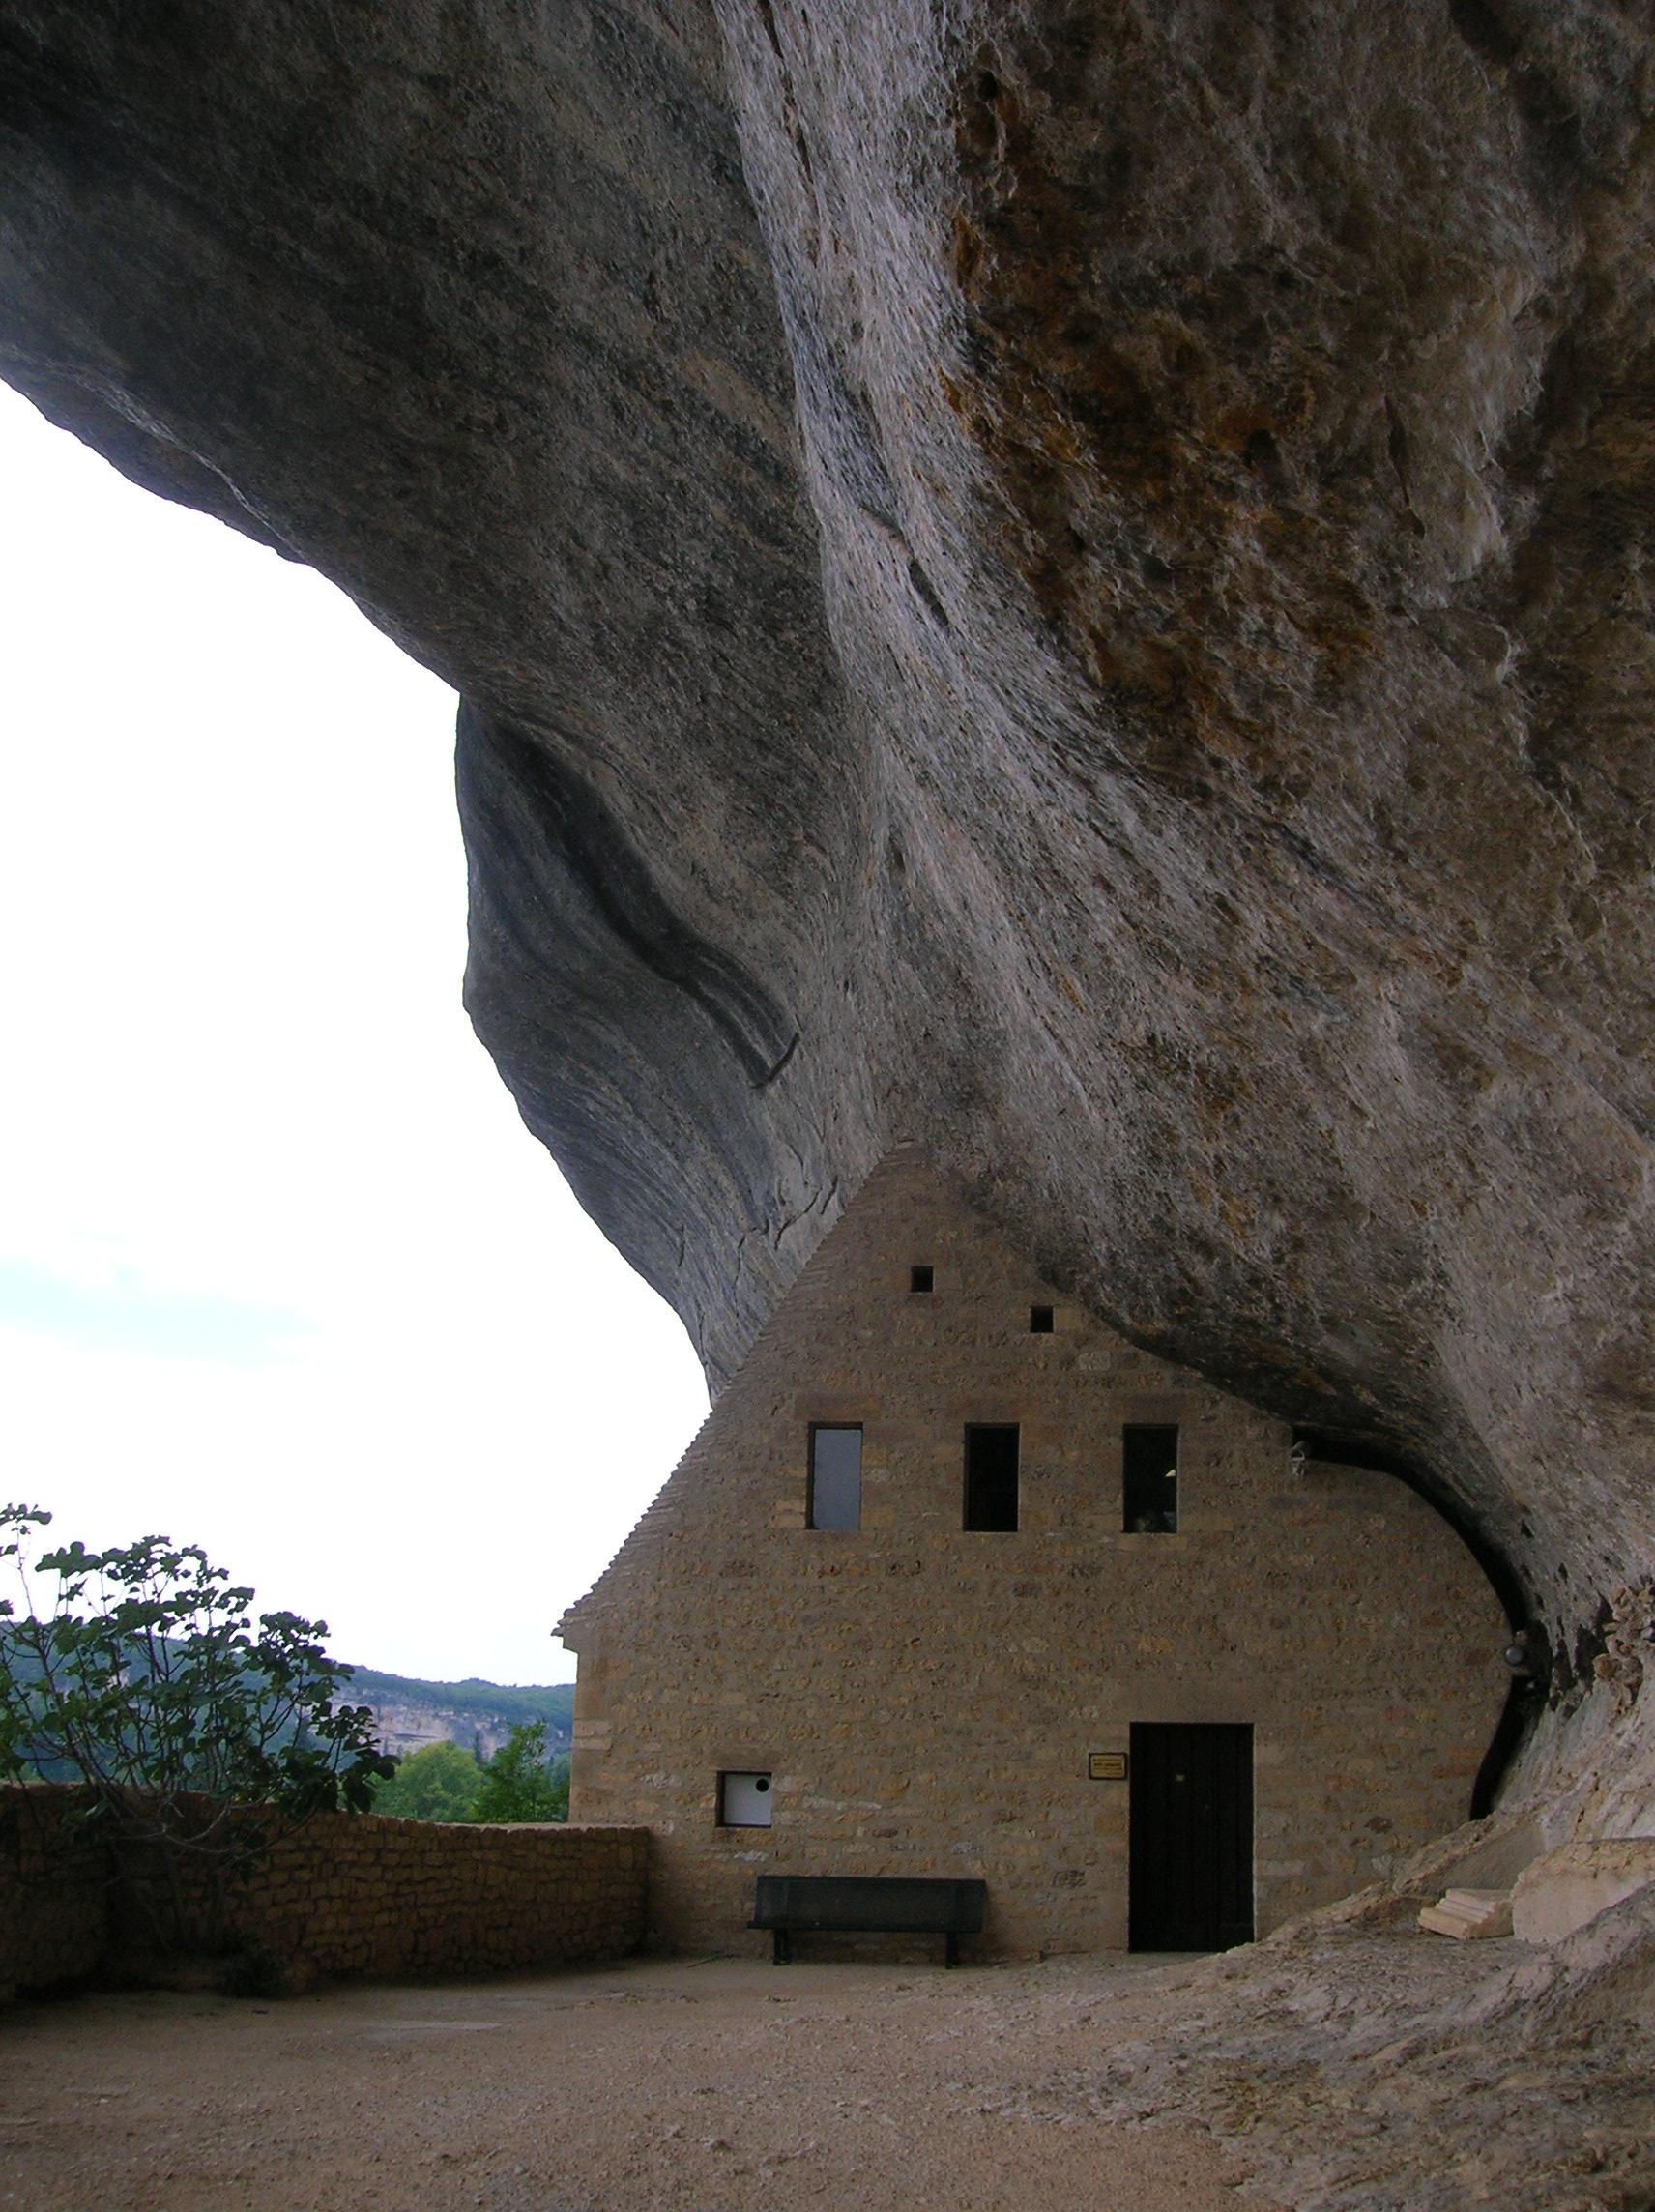 Le Jardin Des Provinces Pessac Frais 52 Best Do the Dordogne Images